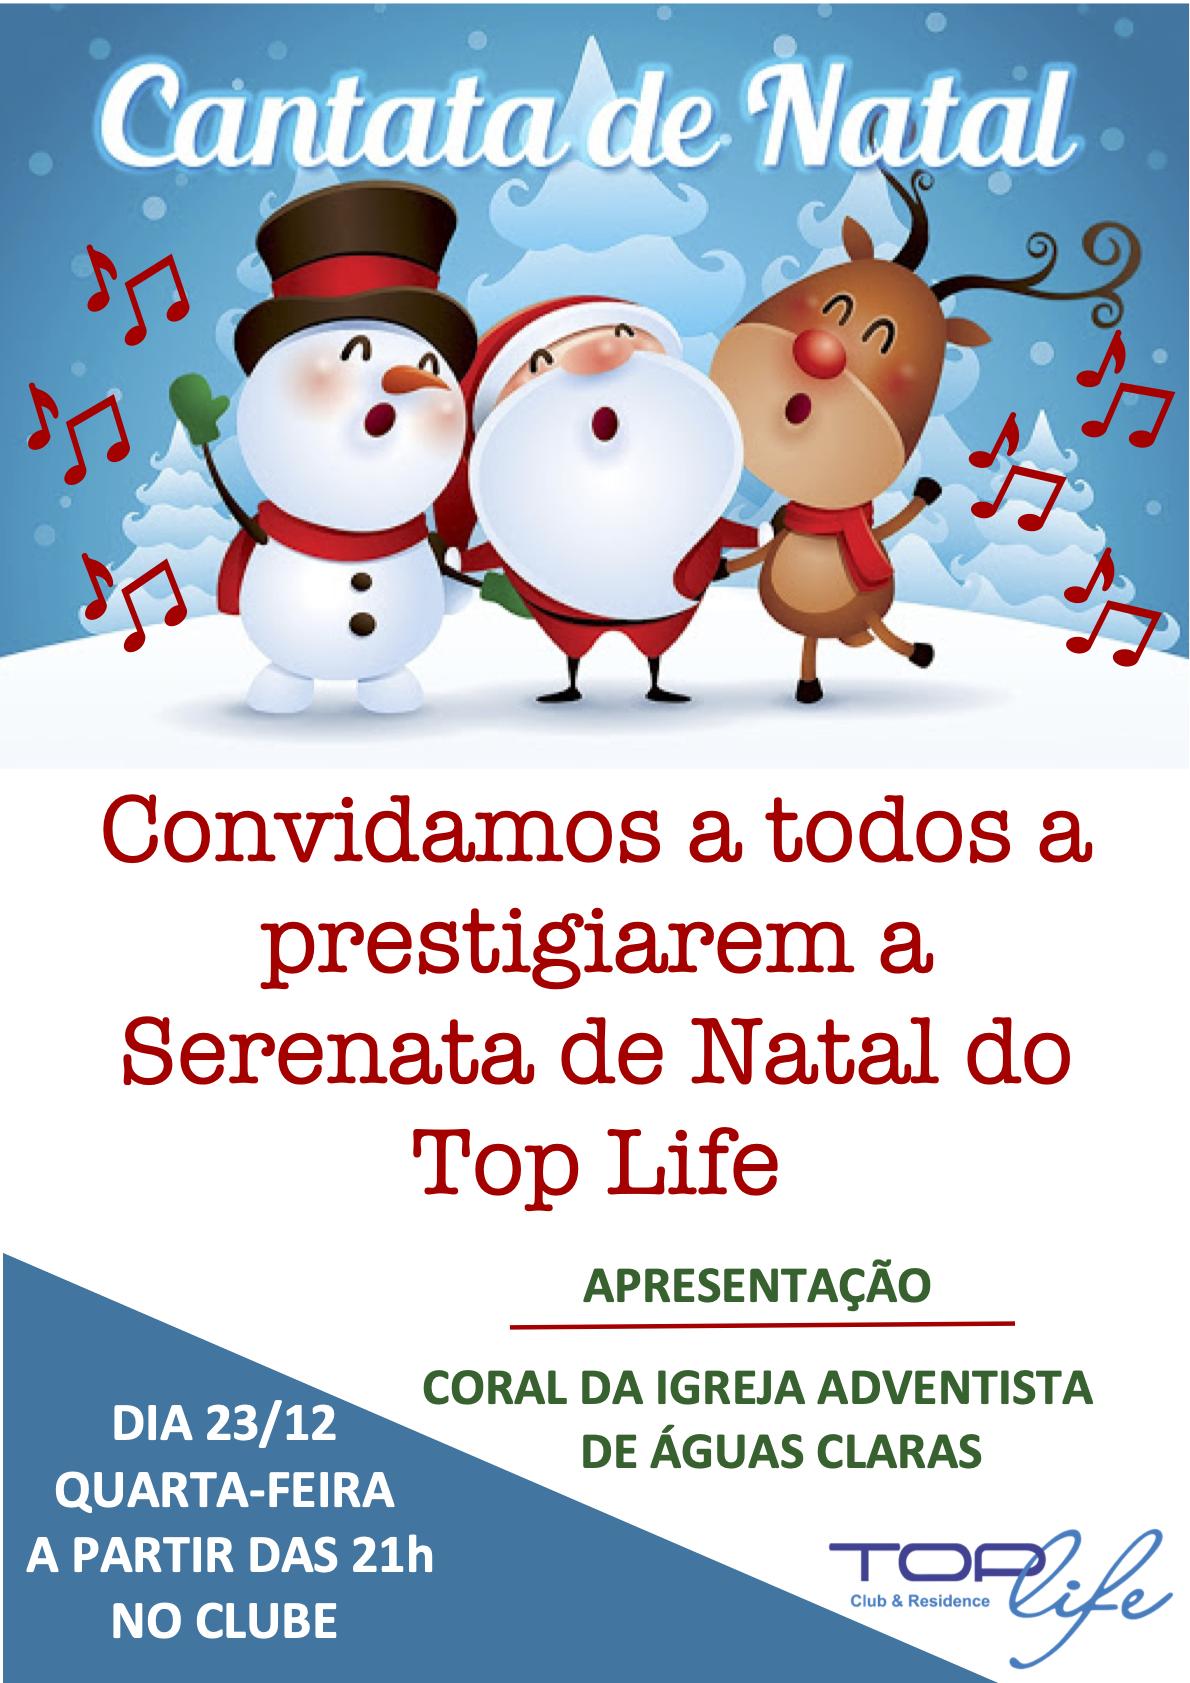 Serenata de Natal Top Life 2020